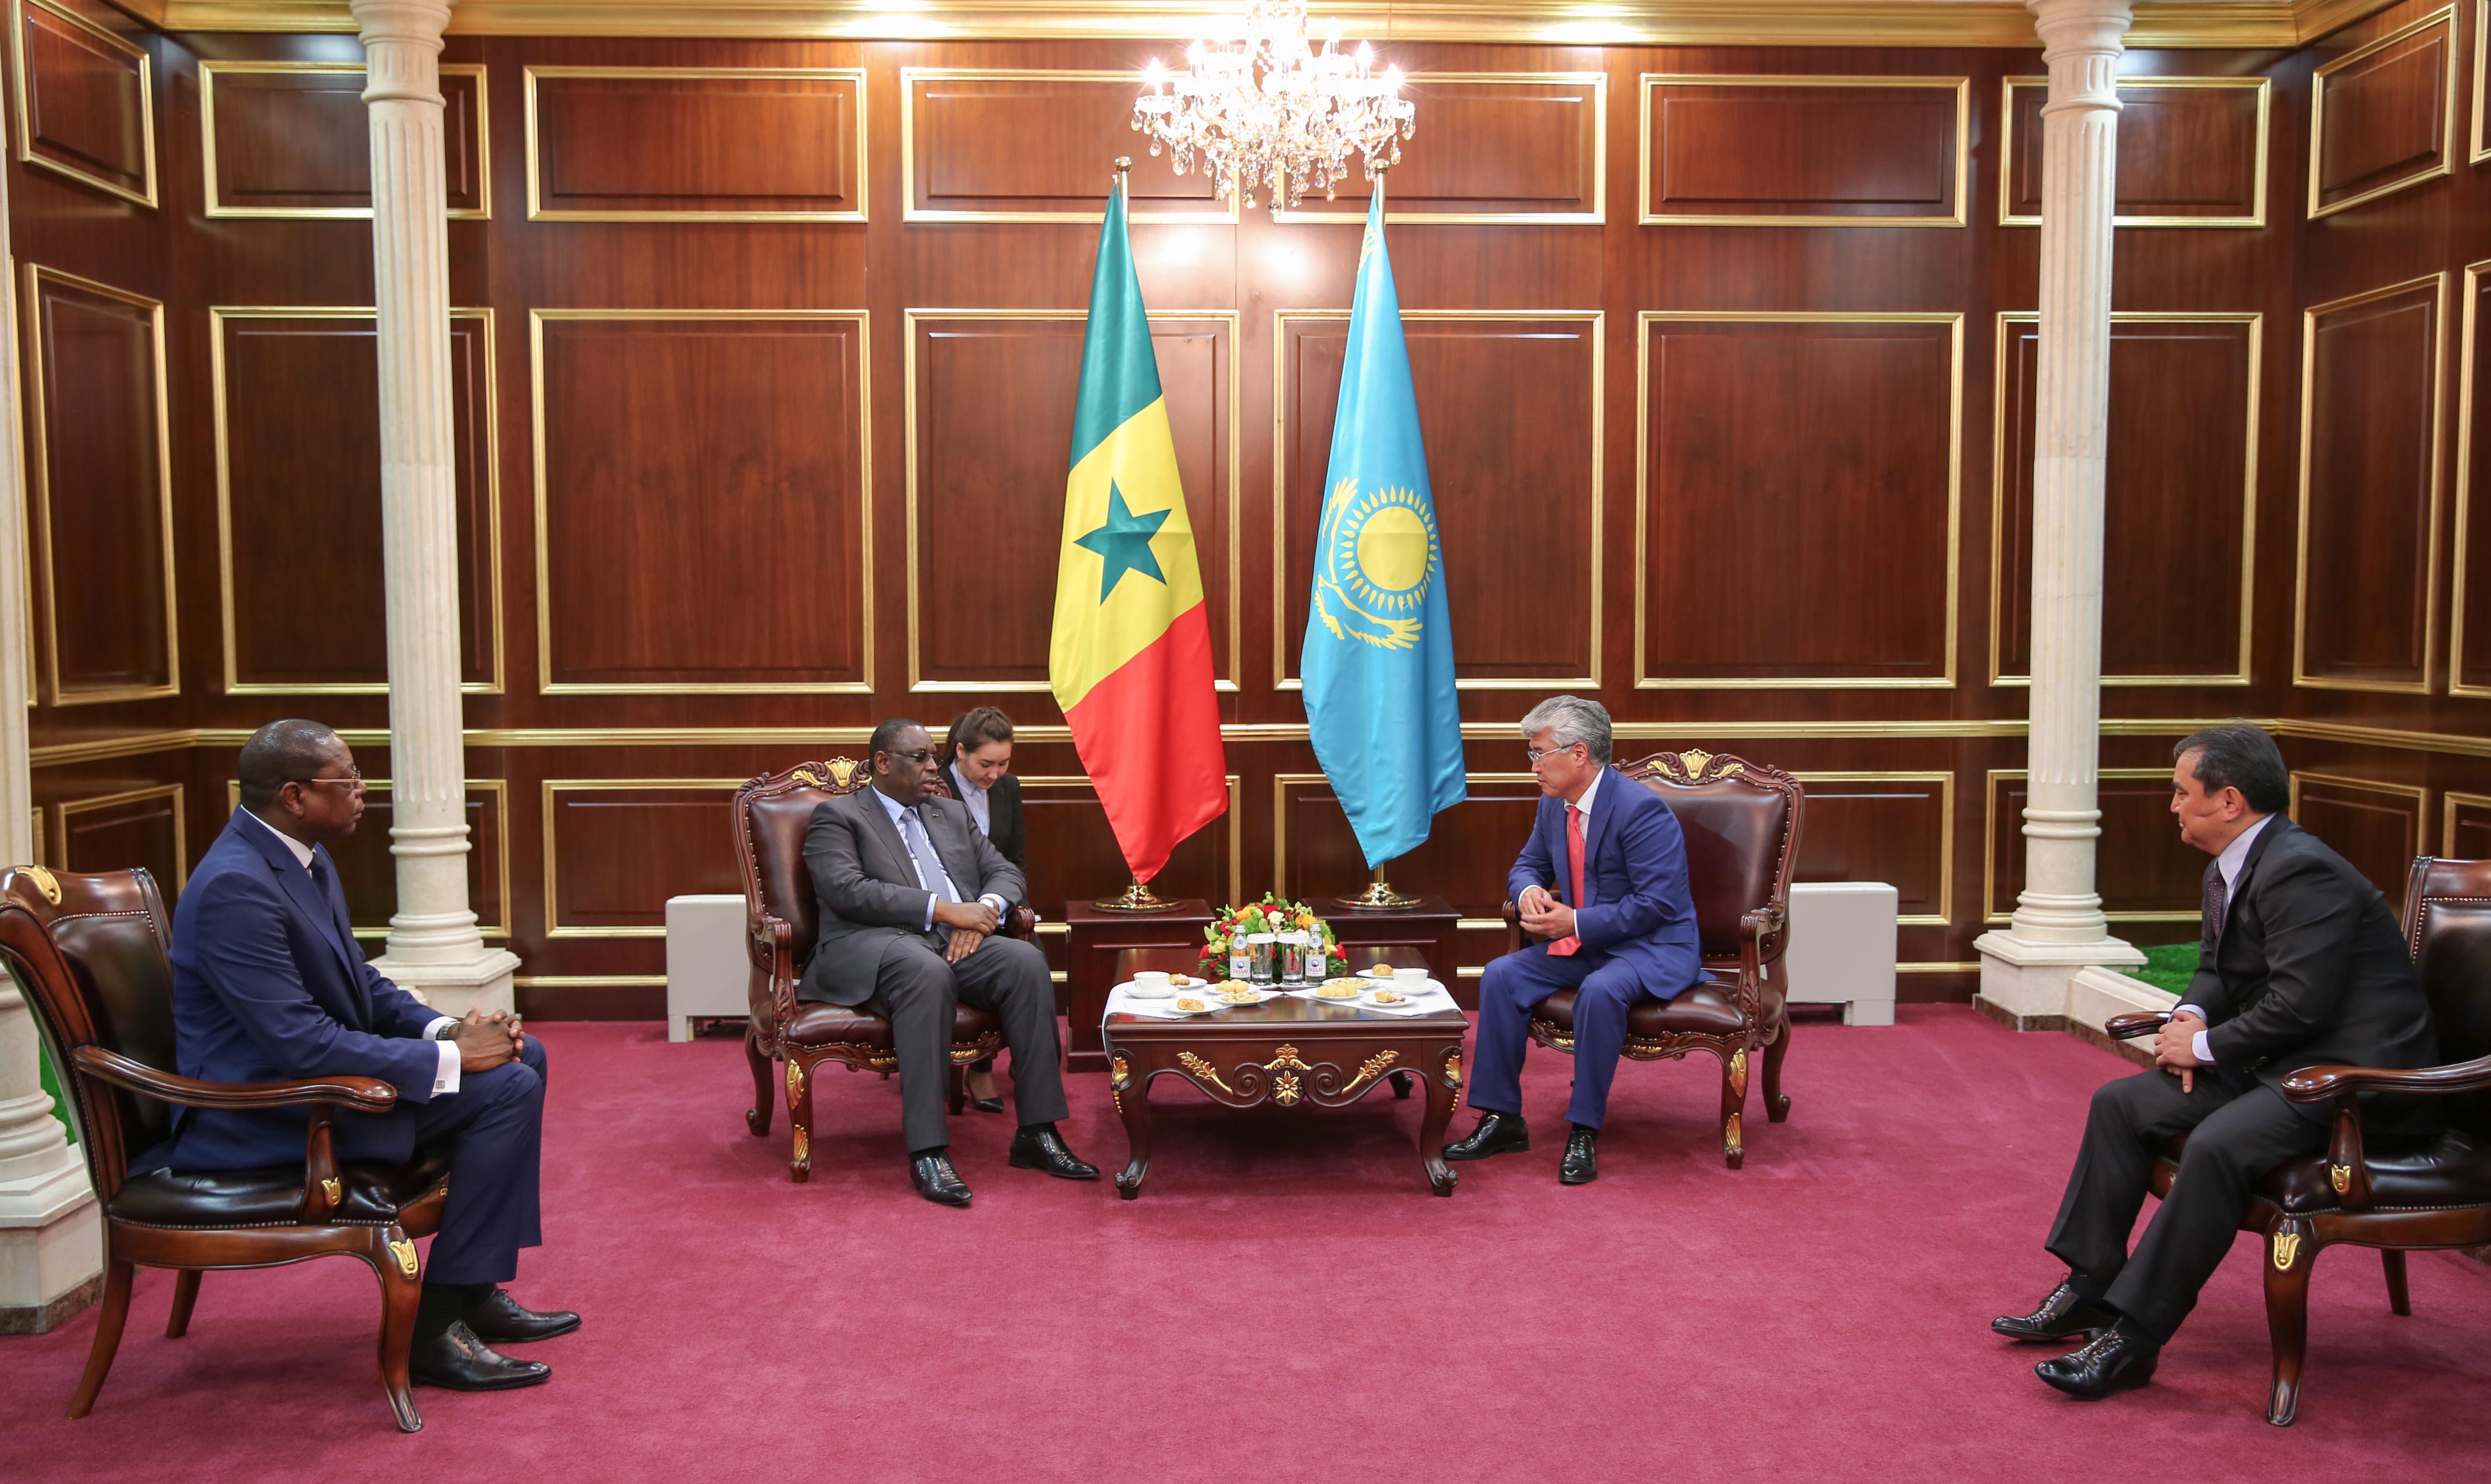 Le Sénégal souhaite bénéficier de l'expérience Kazakhe dans la gestion des ressources pétrolières